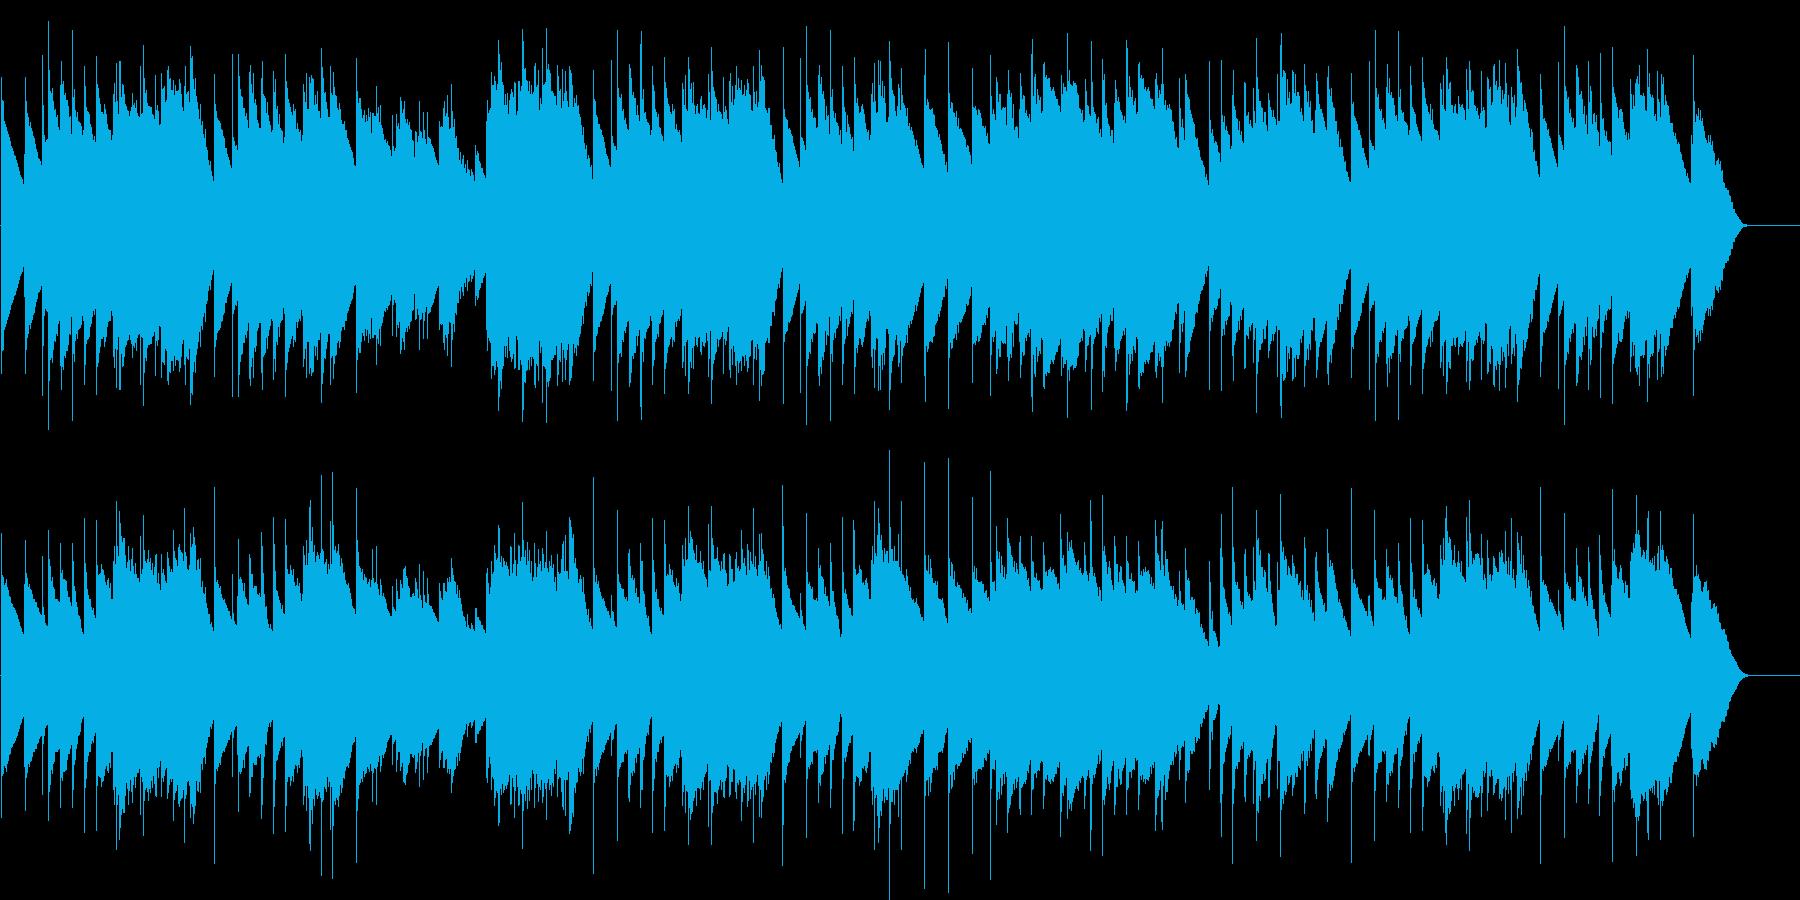 結婚行進曲 long (オルゴール)の再生済みの波形